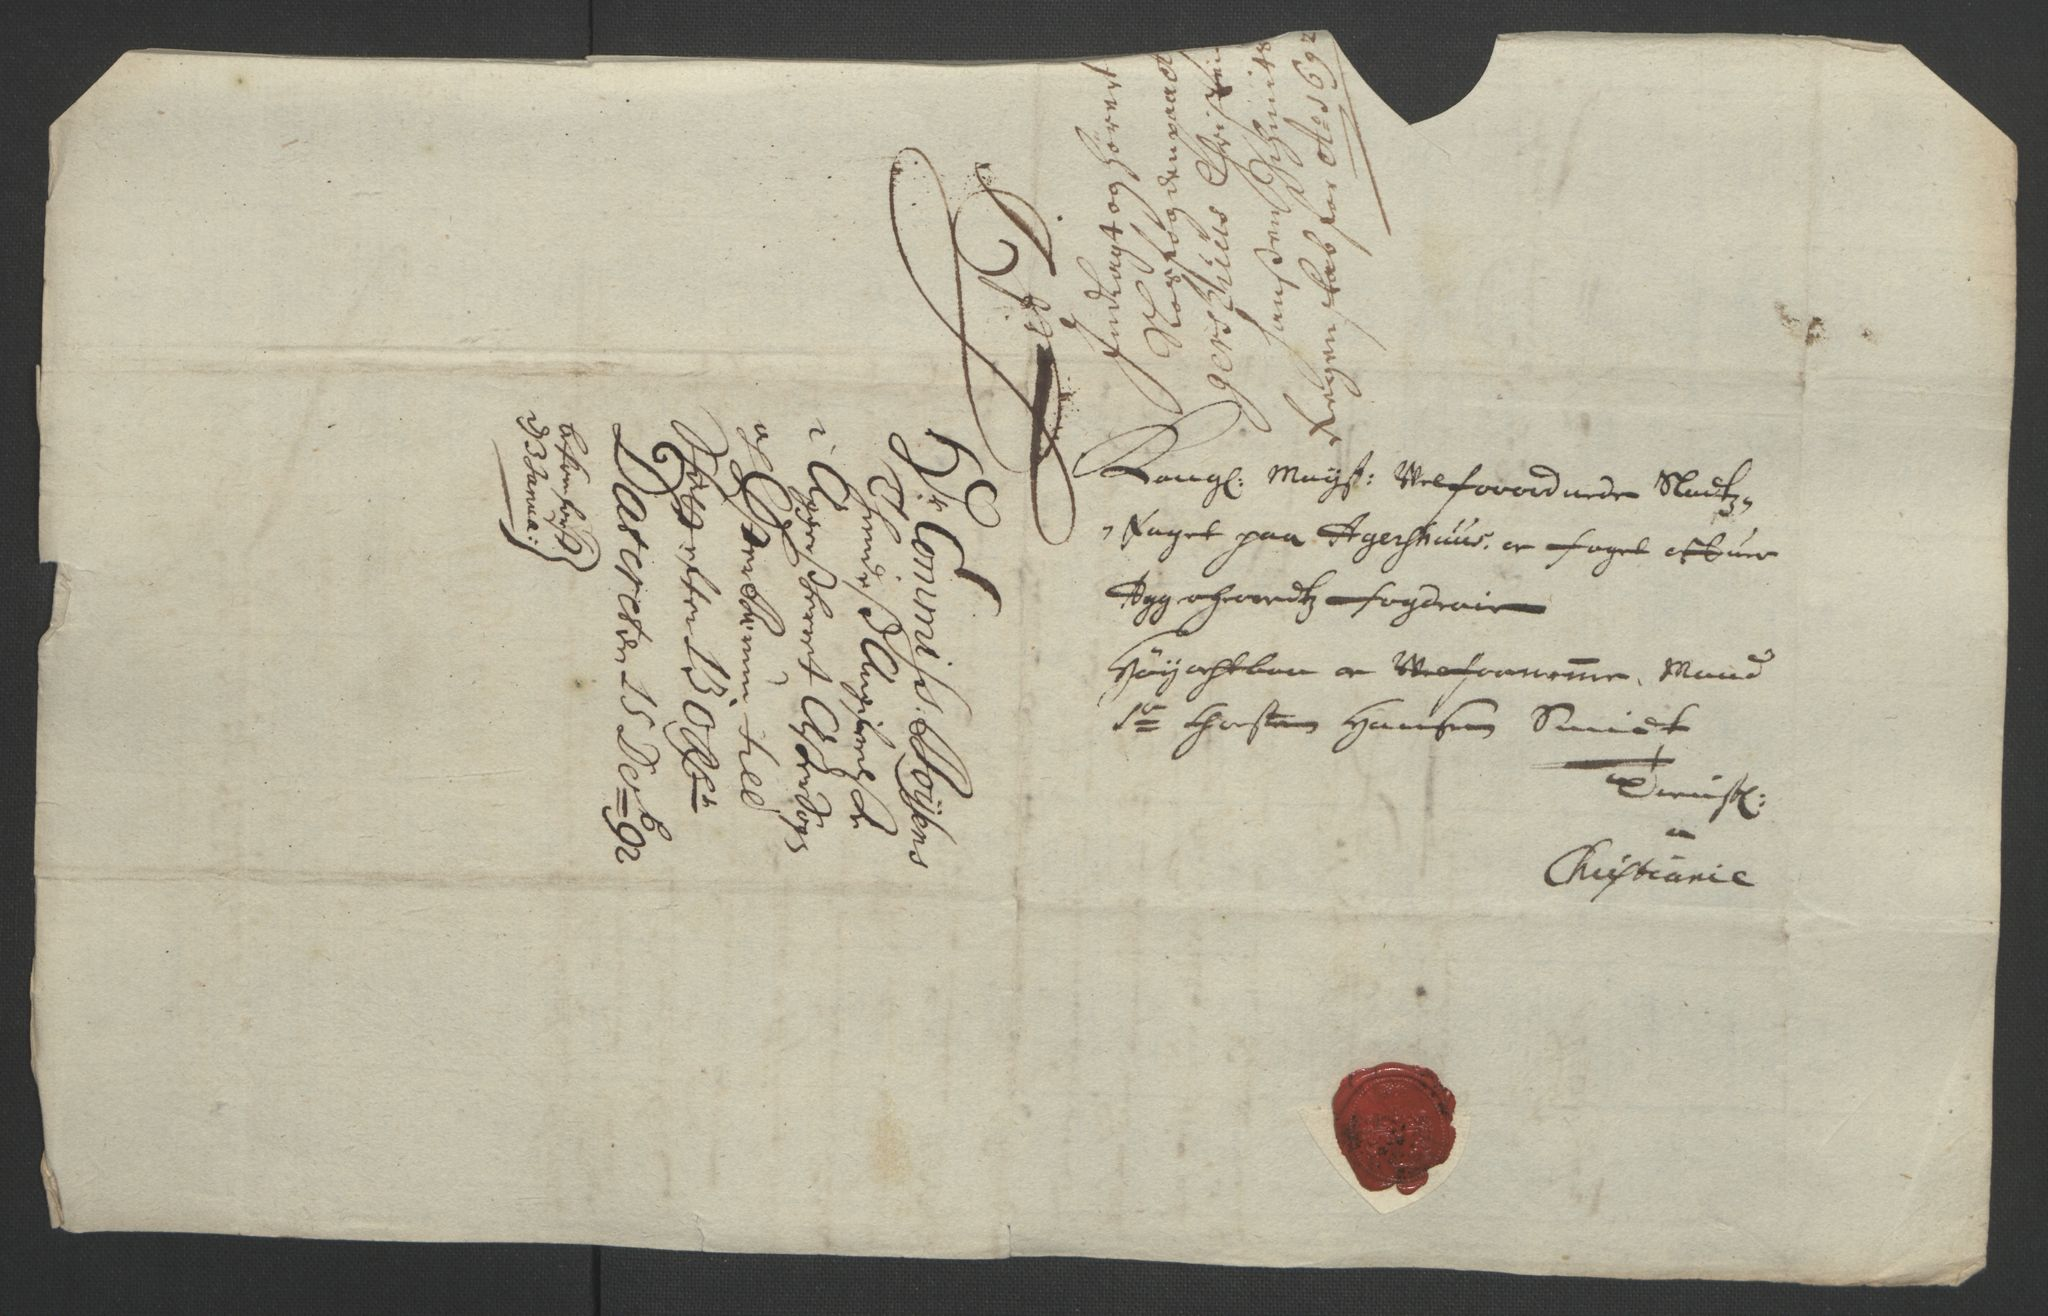 RA, Rentekammeret inntil 1814, Reviderte regnskaper, Fogderegnskap, R08/L0426: Fogderegnskap Aker, 1692-1693, s. 82